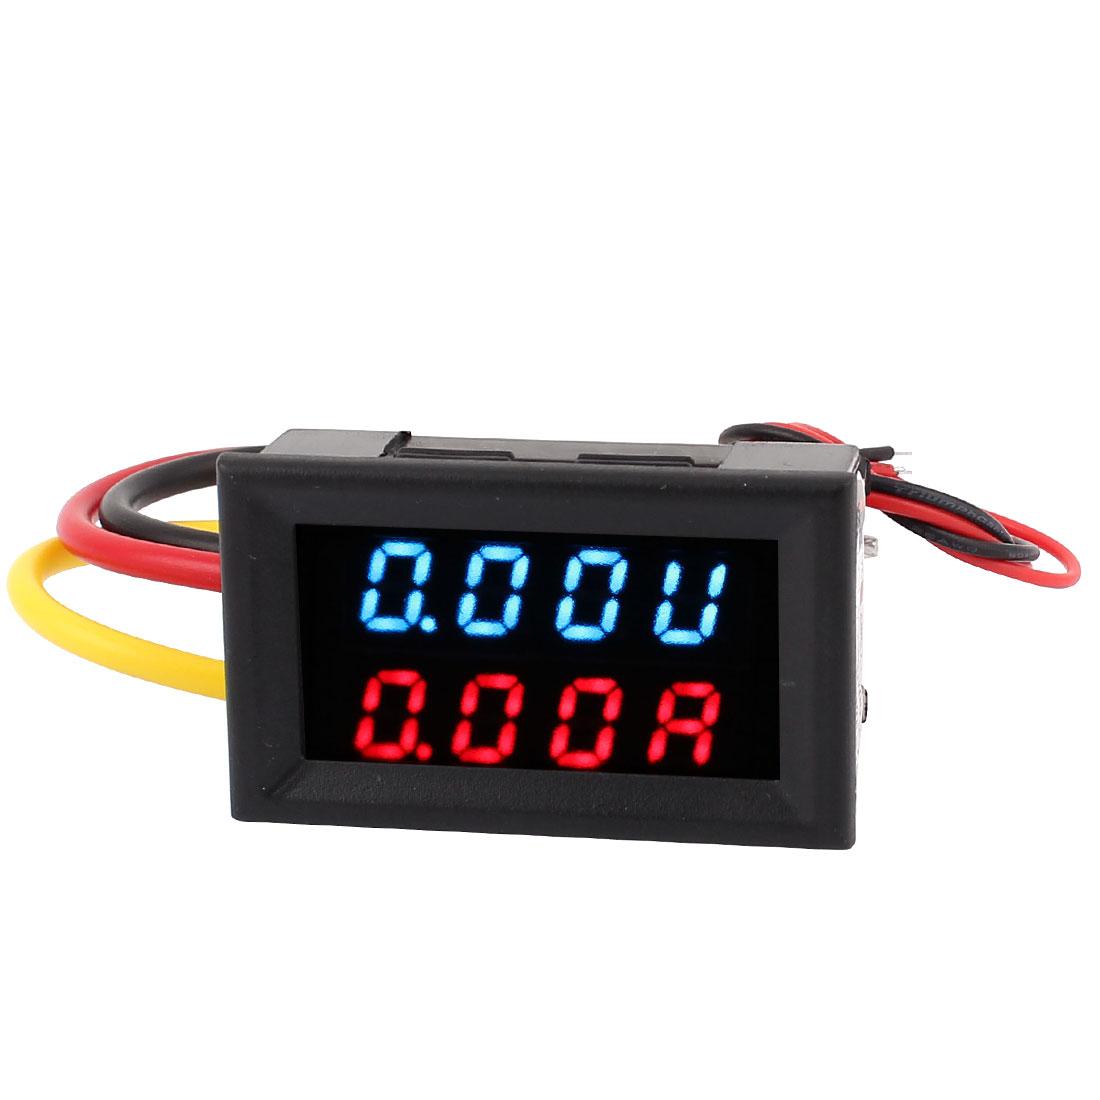 DC 0-100V 0-20A Dual LED Digital Mobile Battery Tester Voltmeter Ammeter